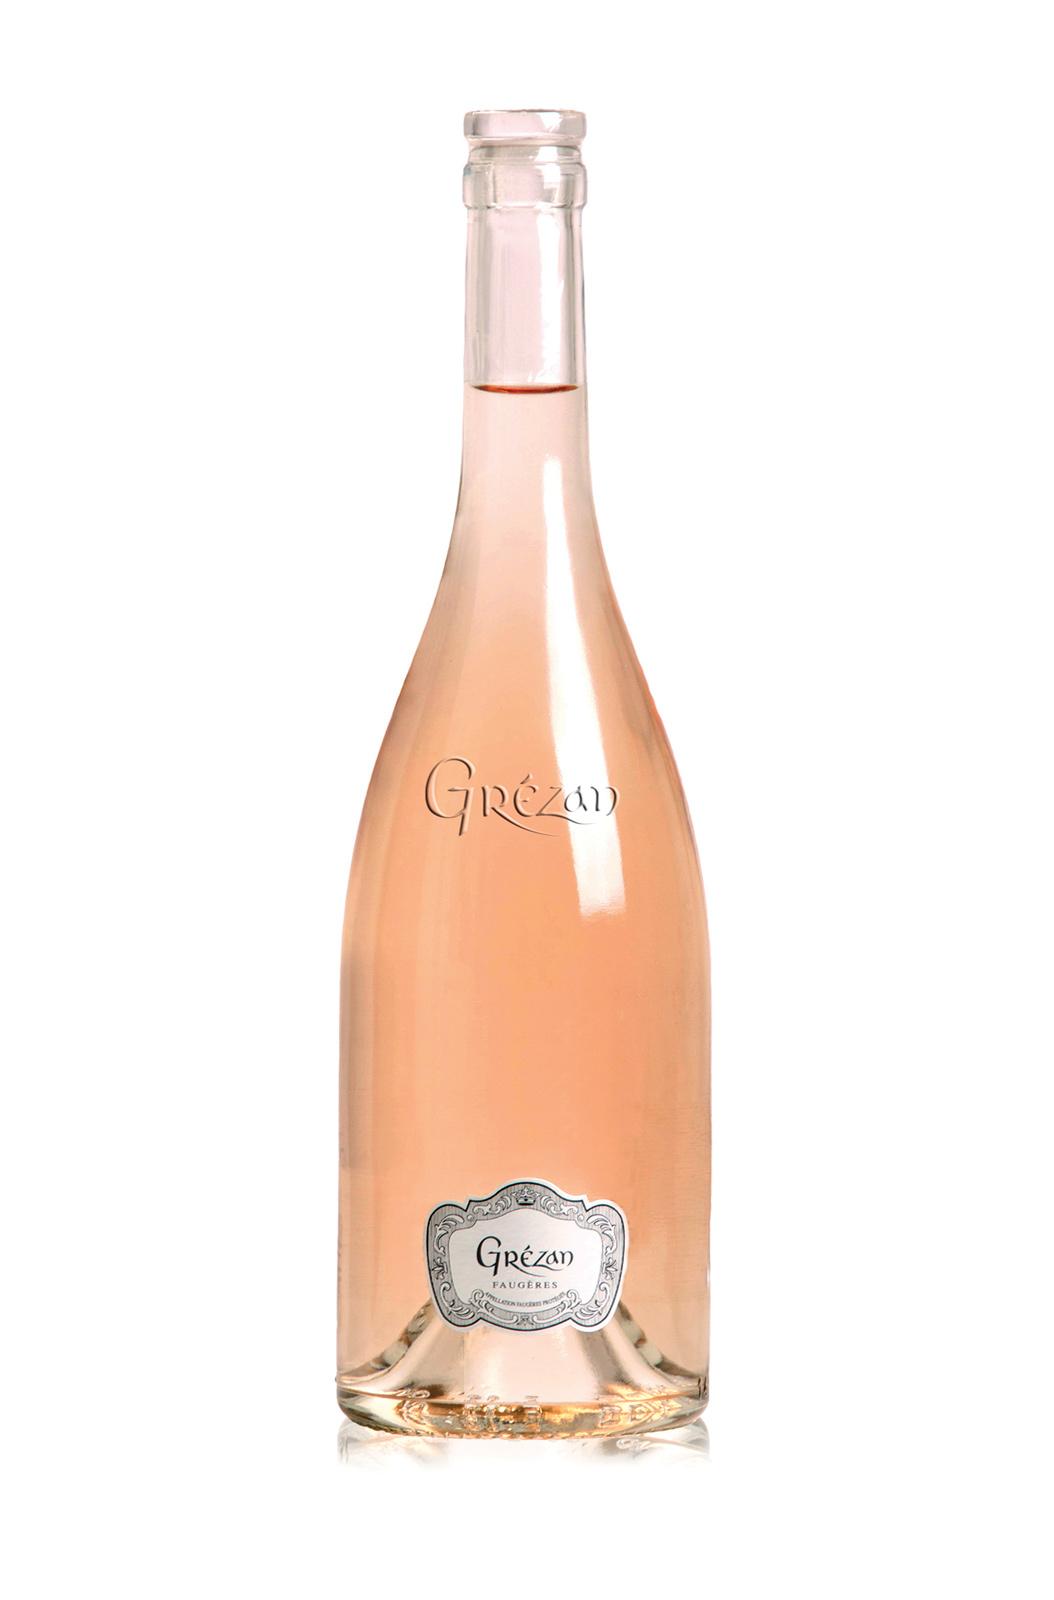 29-chateau-grezan-vin-rose-grezan-faugeres-pays-doc